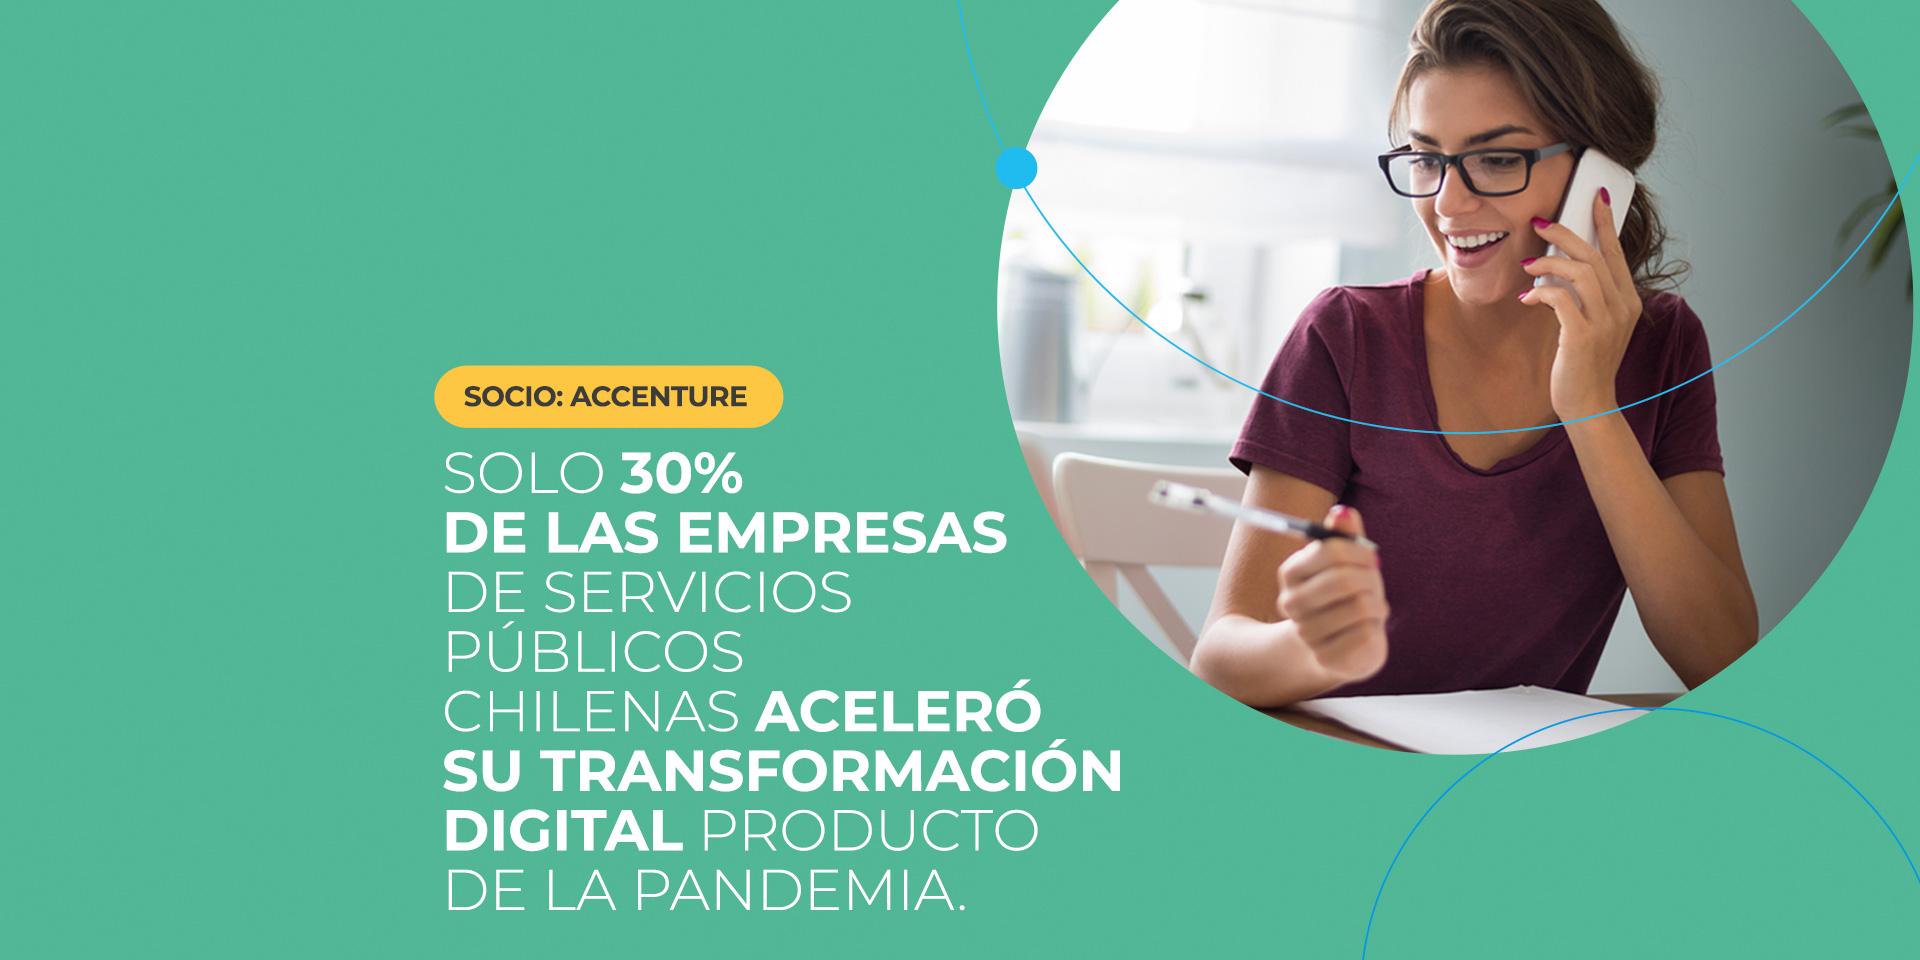 Accenture_techvision